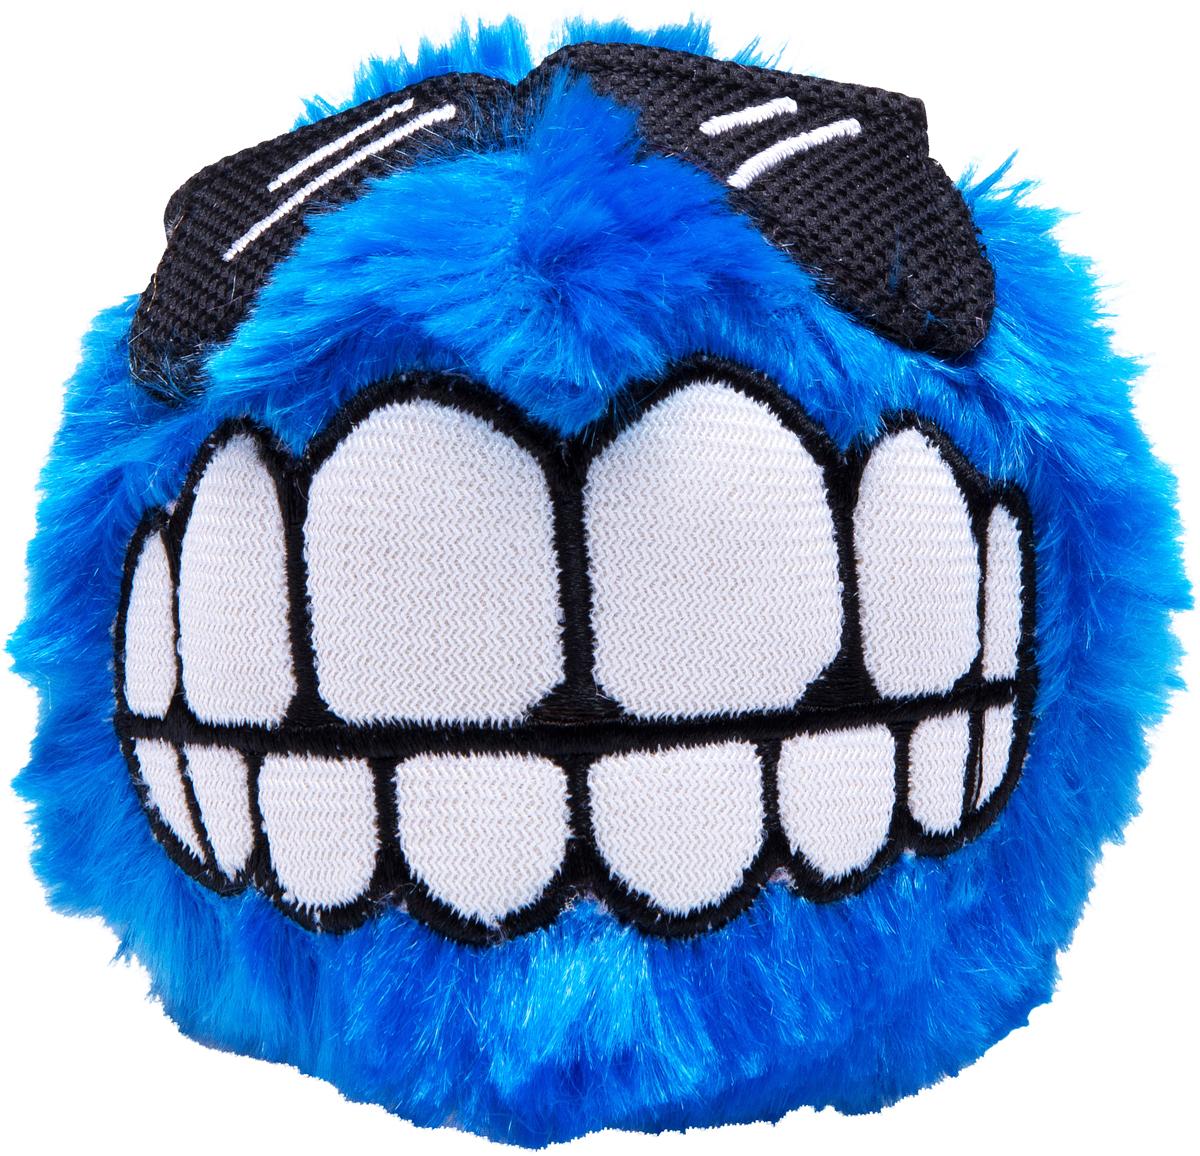 Игрушка для собак Rogz Fluffy Grinz. Зубы, цвет: синий, диаметр 7,8 смCGR05BИгрушка для собак Rogz Fluffy Grinz. Зубы - особо мягкий, плюшевый мяч. Для животных, которые любят играть в Поймай-принеси - это просто мечта.Небольшой вес изделия.Не травмирует зубы и десны.Удобен для переноски животных.Внутри игрушки пищалка, что поддерживает интерес животного к игре.